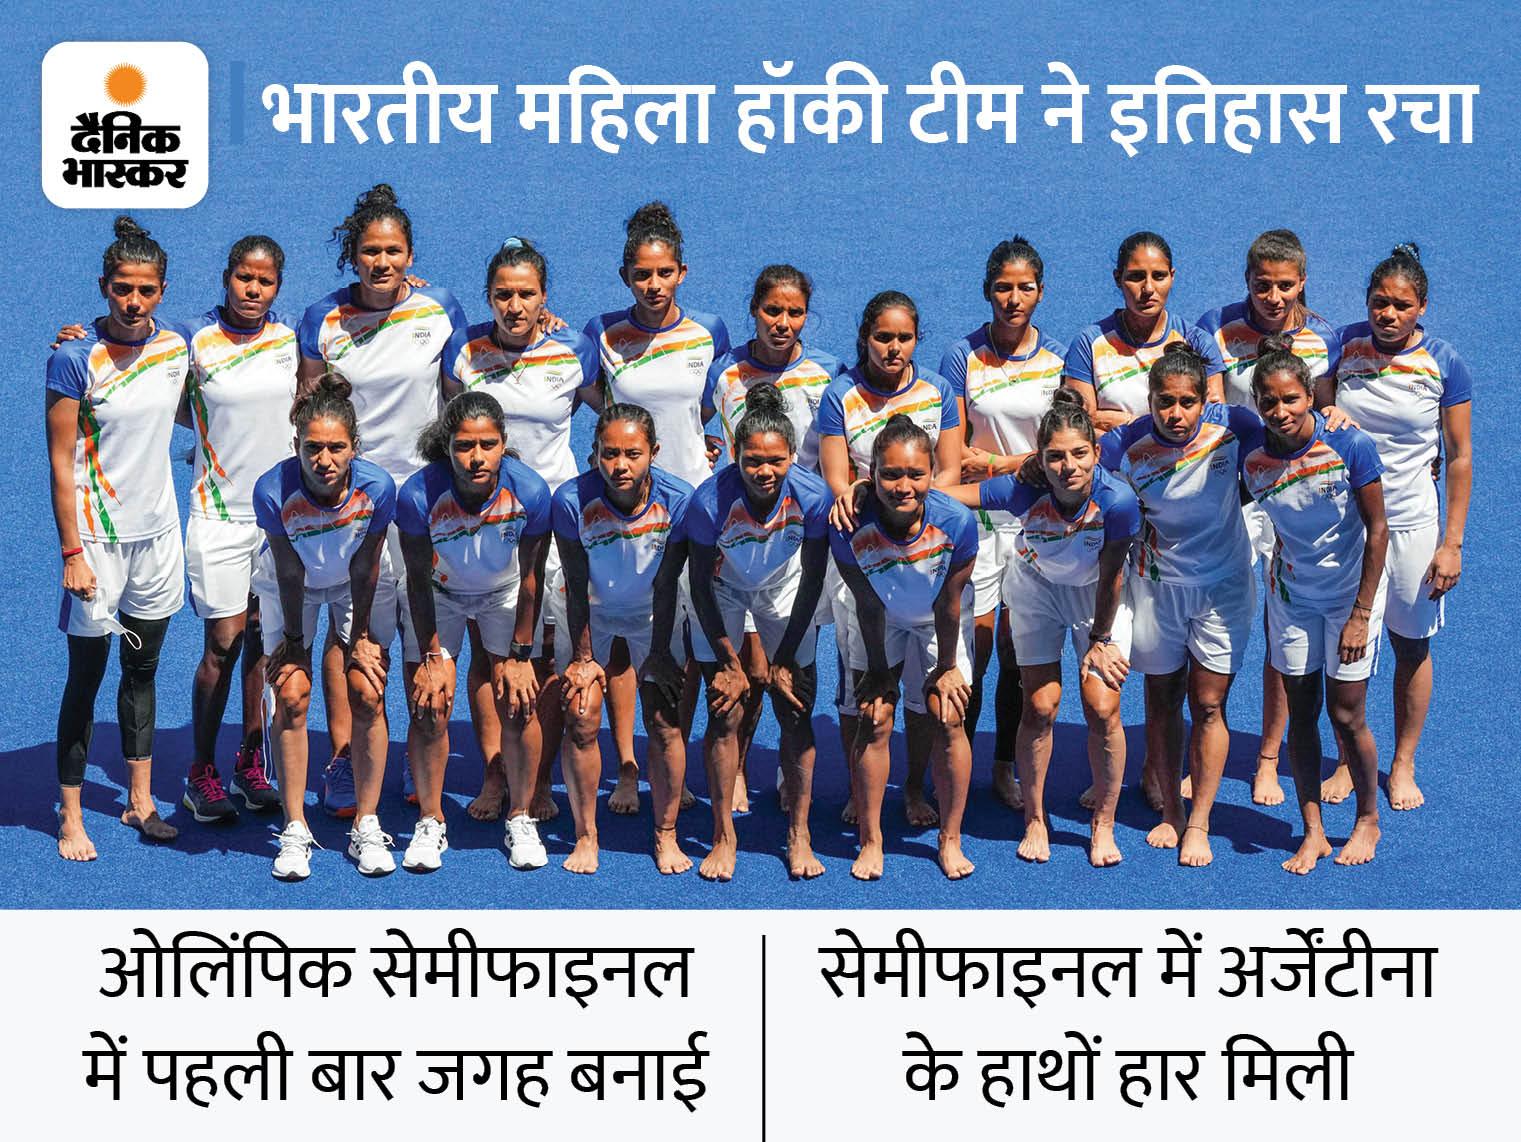 भारतीय महिला हॉकी टीम को 25 लाख रुपए प्रोत्साहन राशि देगा भास्कर, सेमीफाइनल में पहुंचकर रचा था इतिहास|भोपाल,Bhopal - Dainik Bhaskar